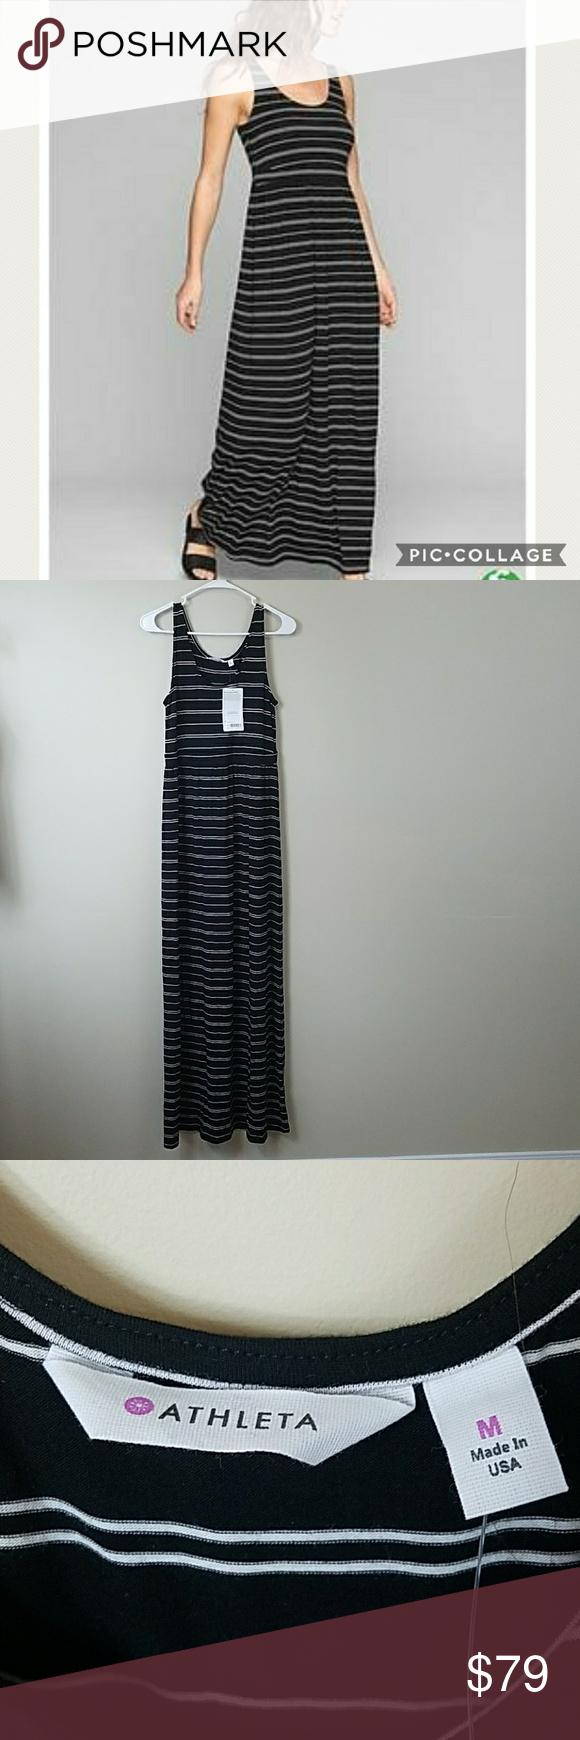 c304622659 NWT Athleta Striped Maxi Dress NWT Athleta Black & White Striped Maxi  dress. Size